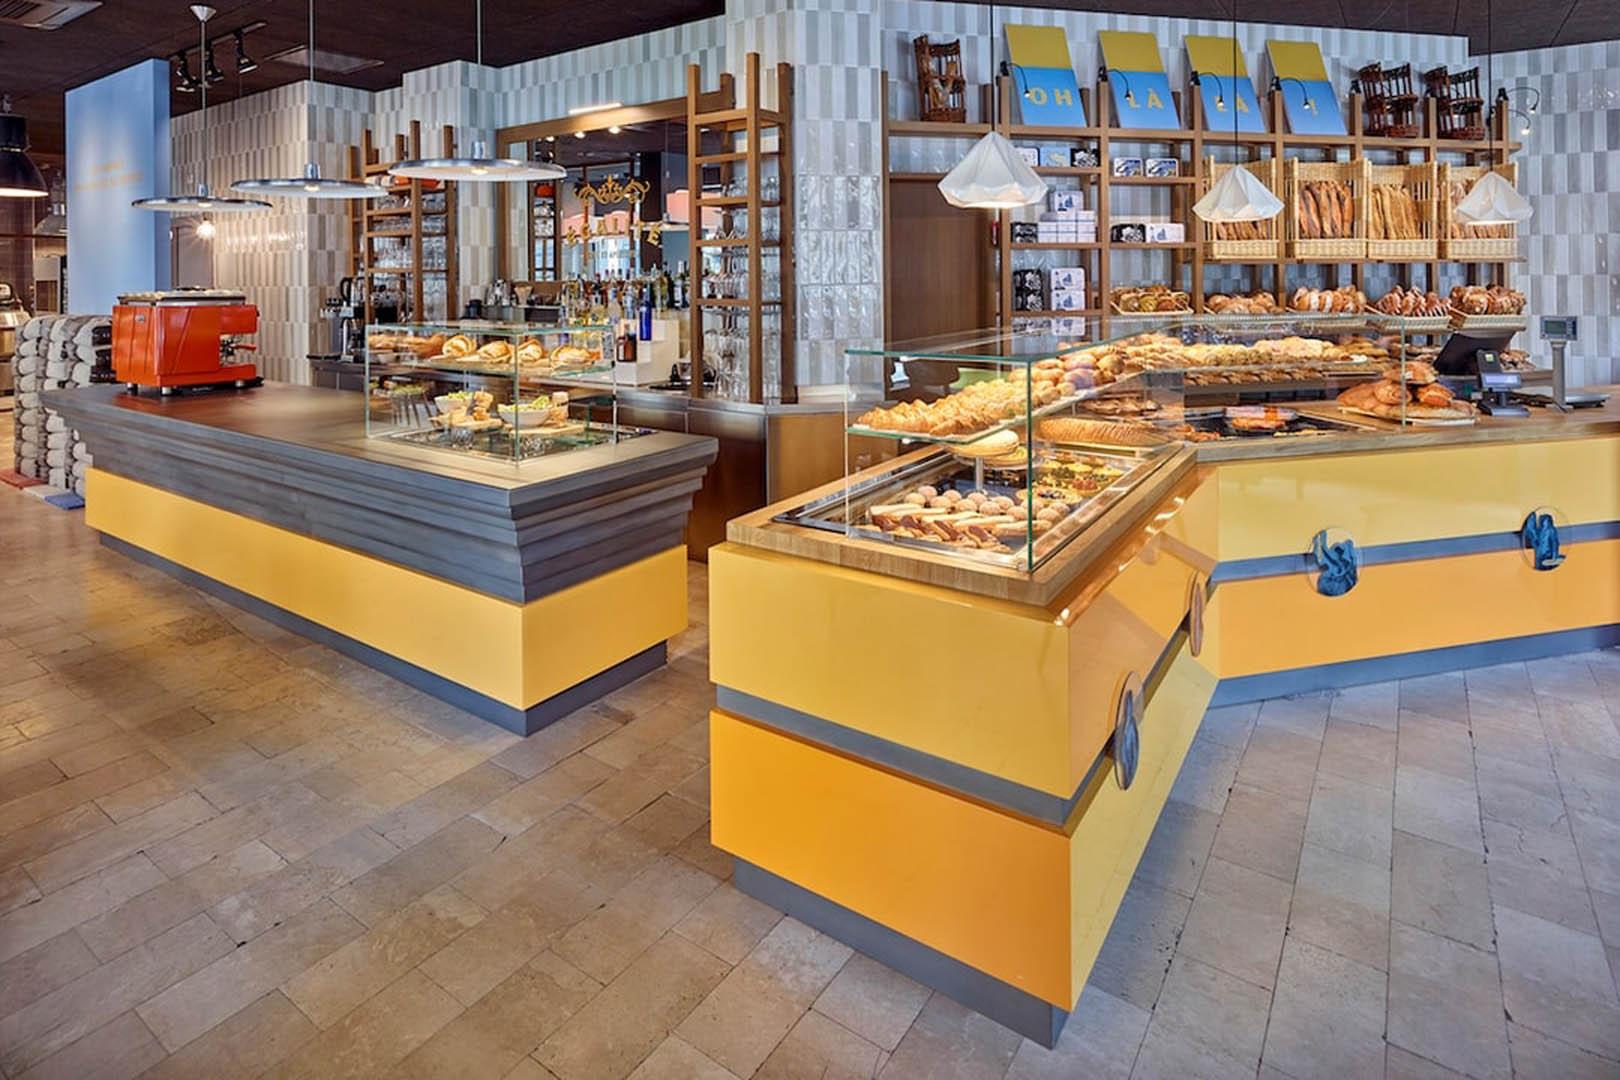 Business Lunch in Porta Venezia per un Pranzo di Lavoro a Milano